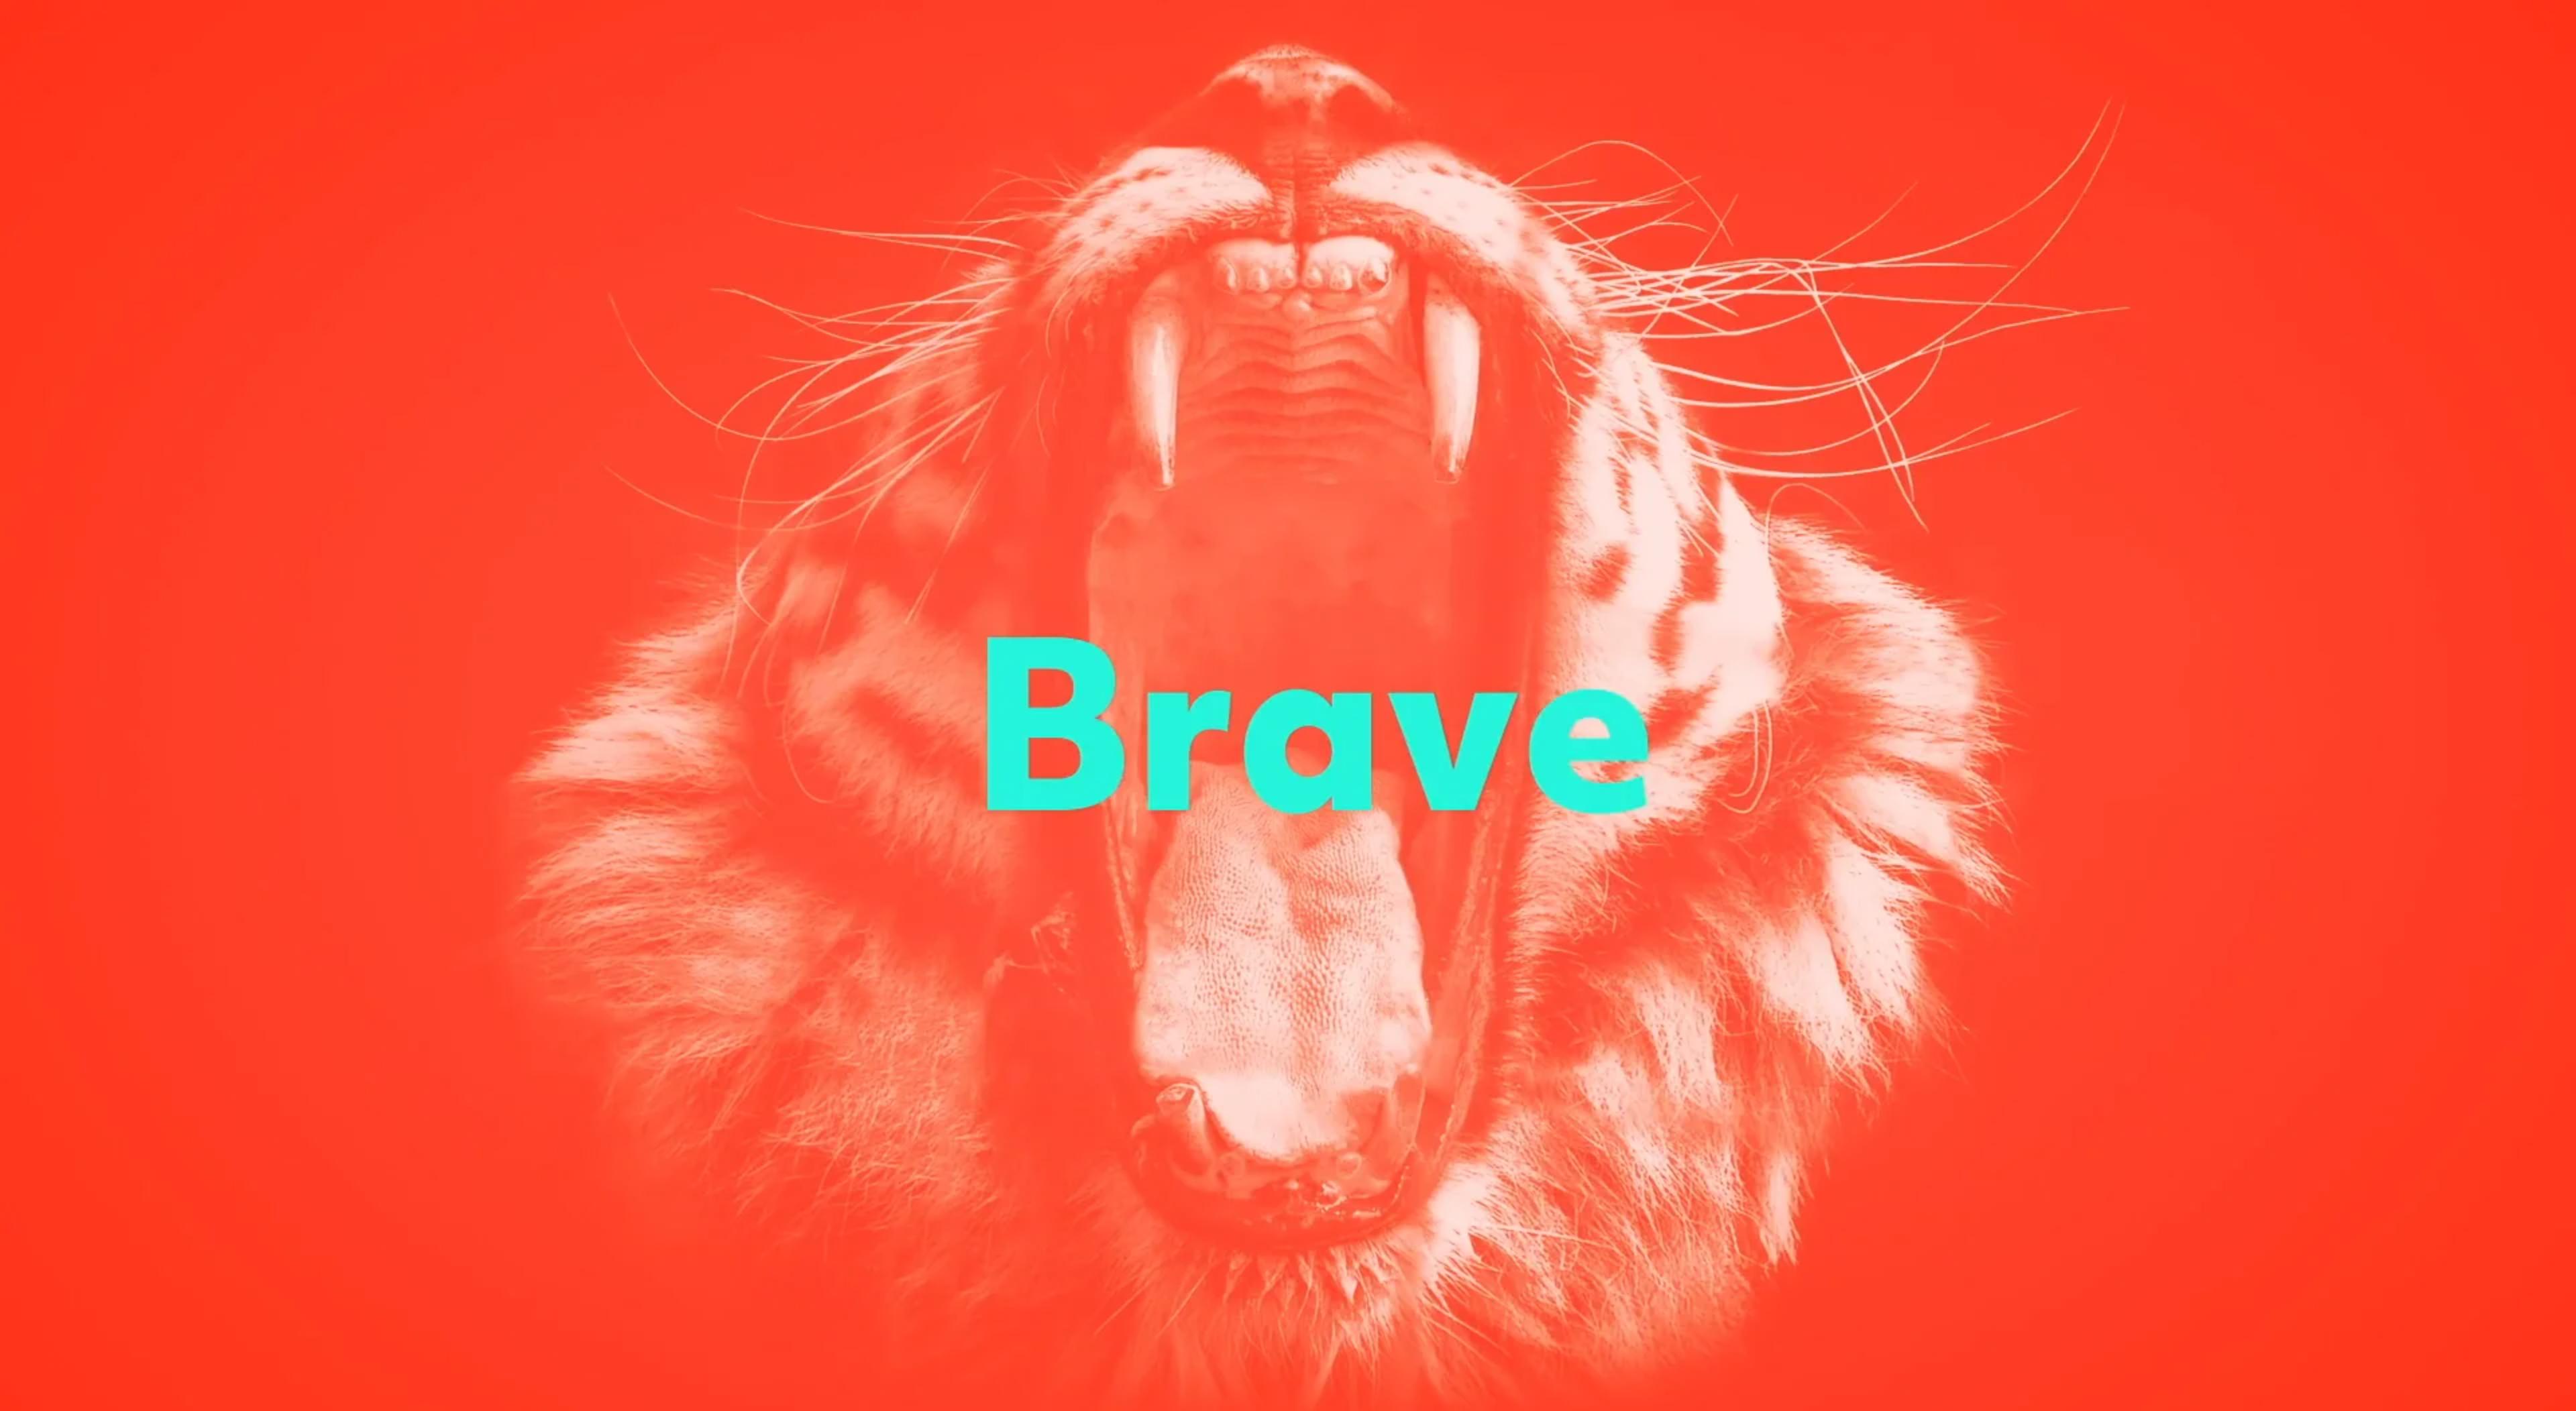 lion roaring